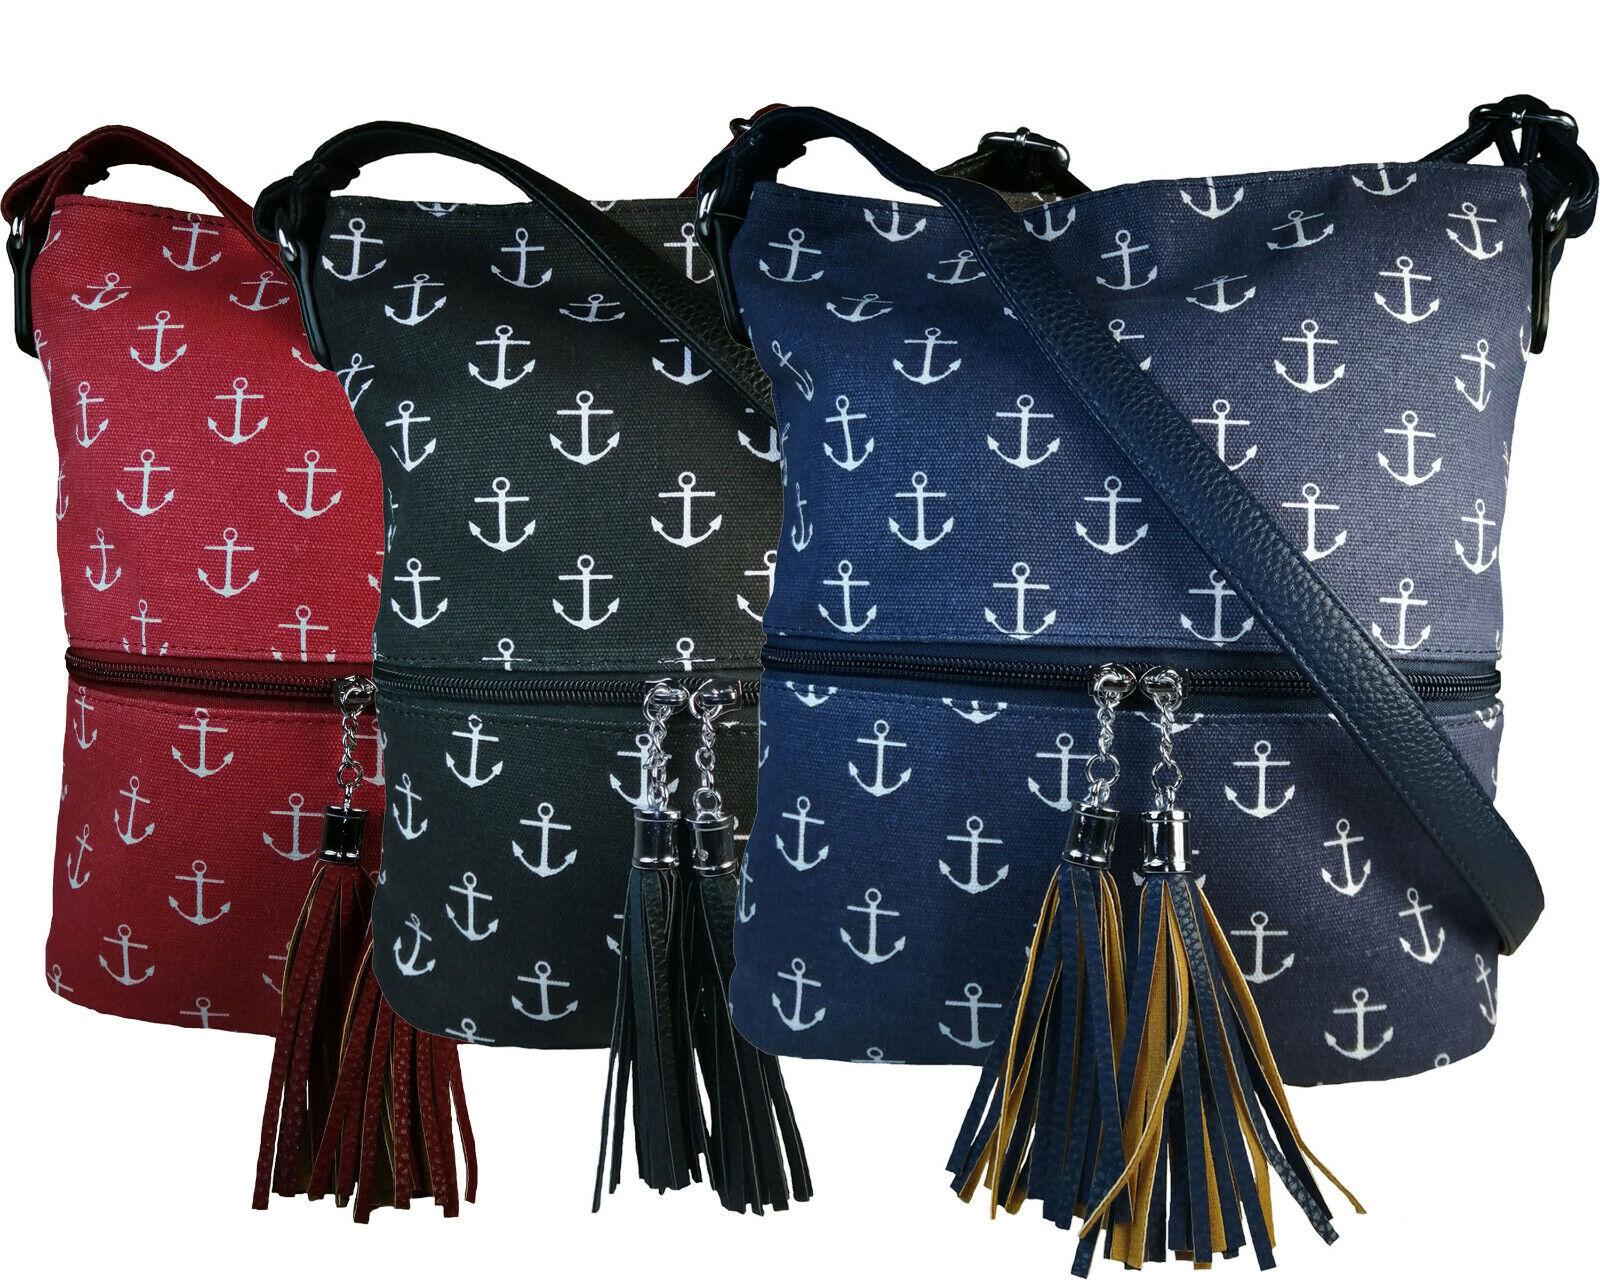 Tasche Damentasche Handtasche Schultertasche Maritim Anker Farbwahl NEU!!!